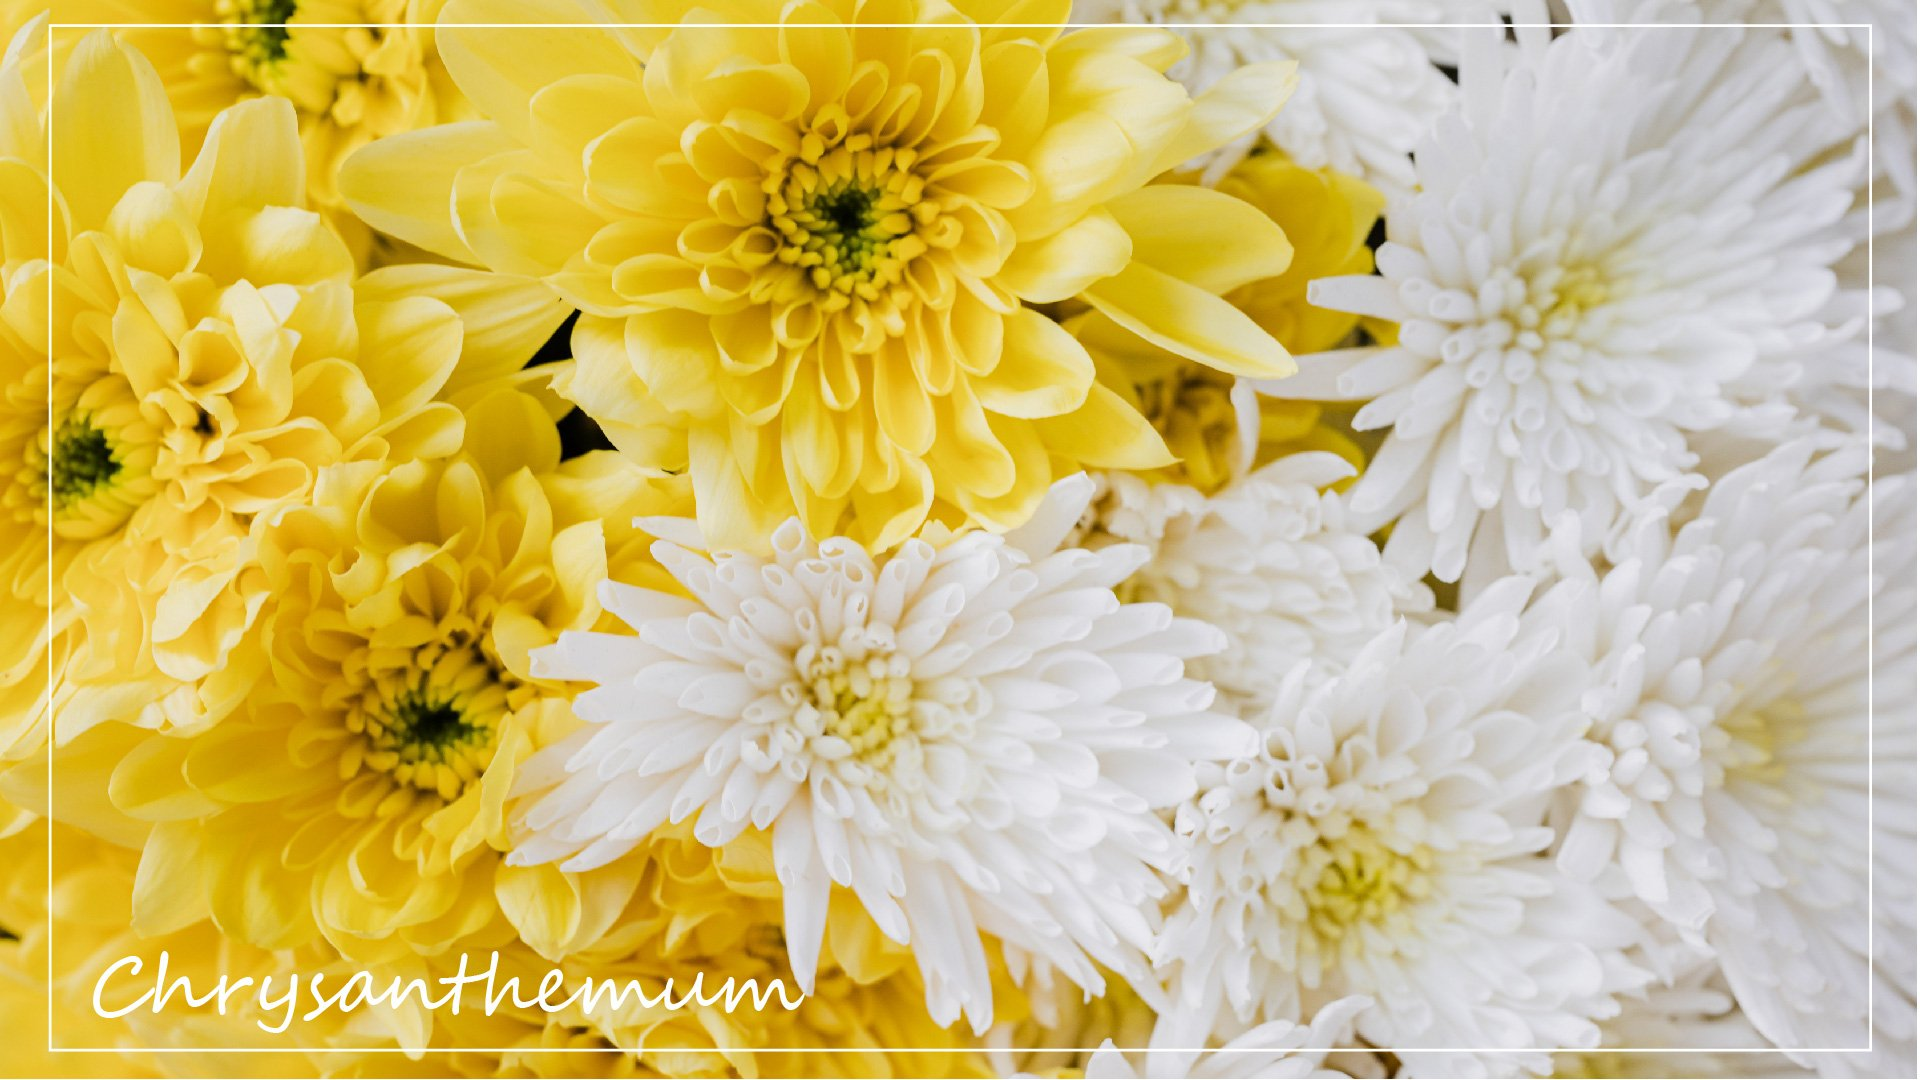 浸泡天然食材的浪漫|花草系儀式感,想像沐浴在大自然裡!